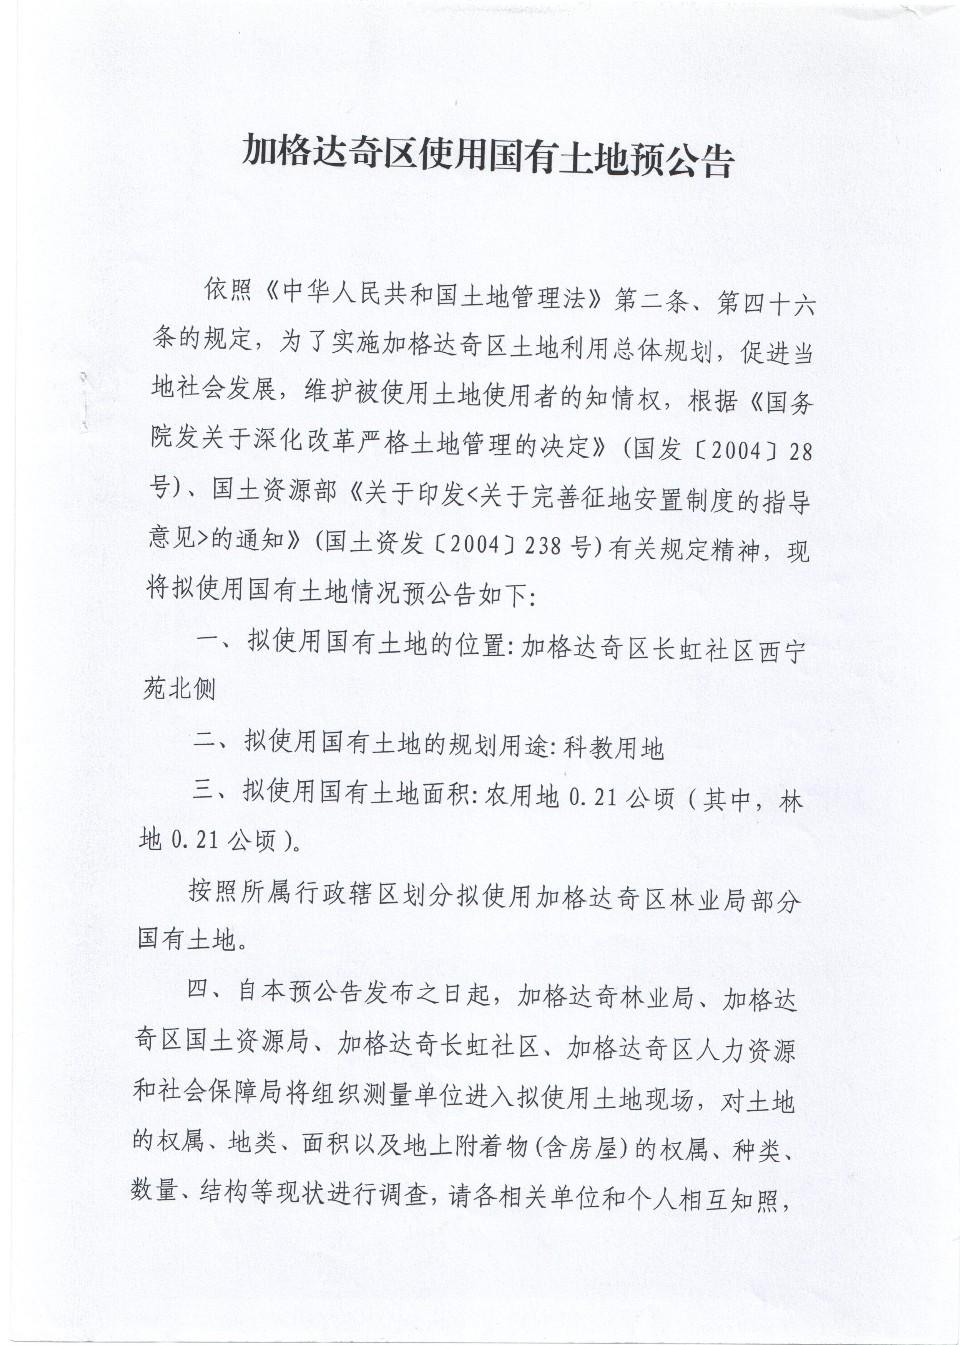 加格达奇区使用国有土地预公告1.jpg